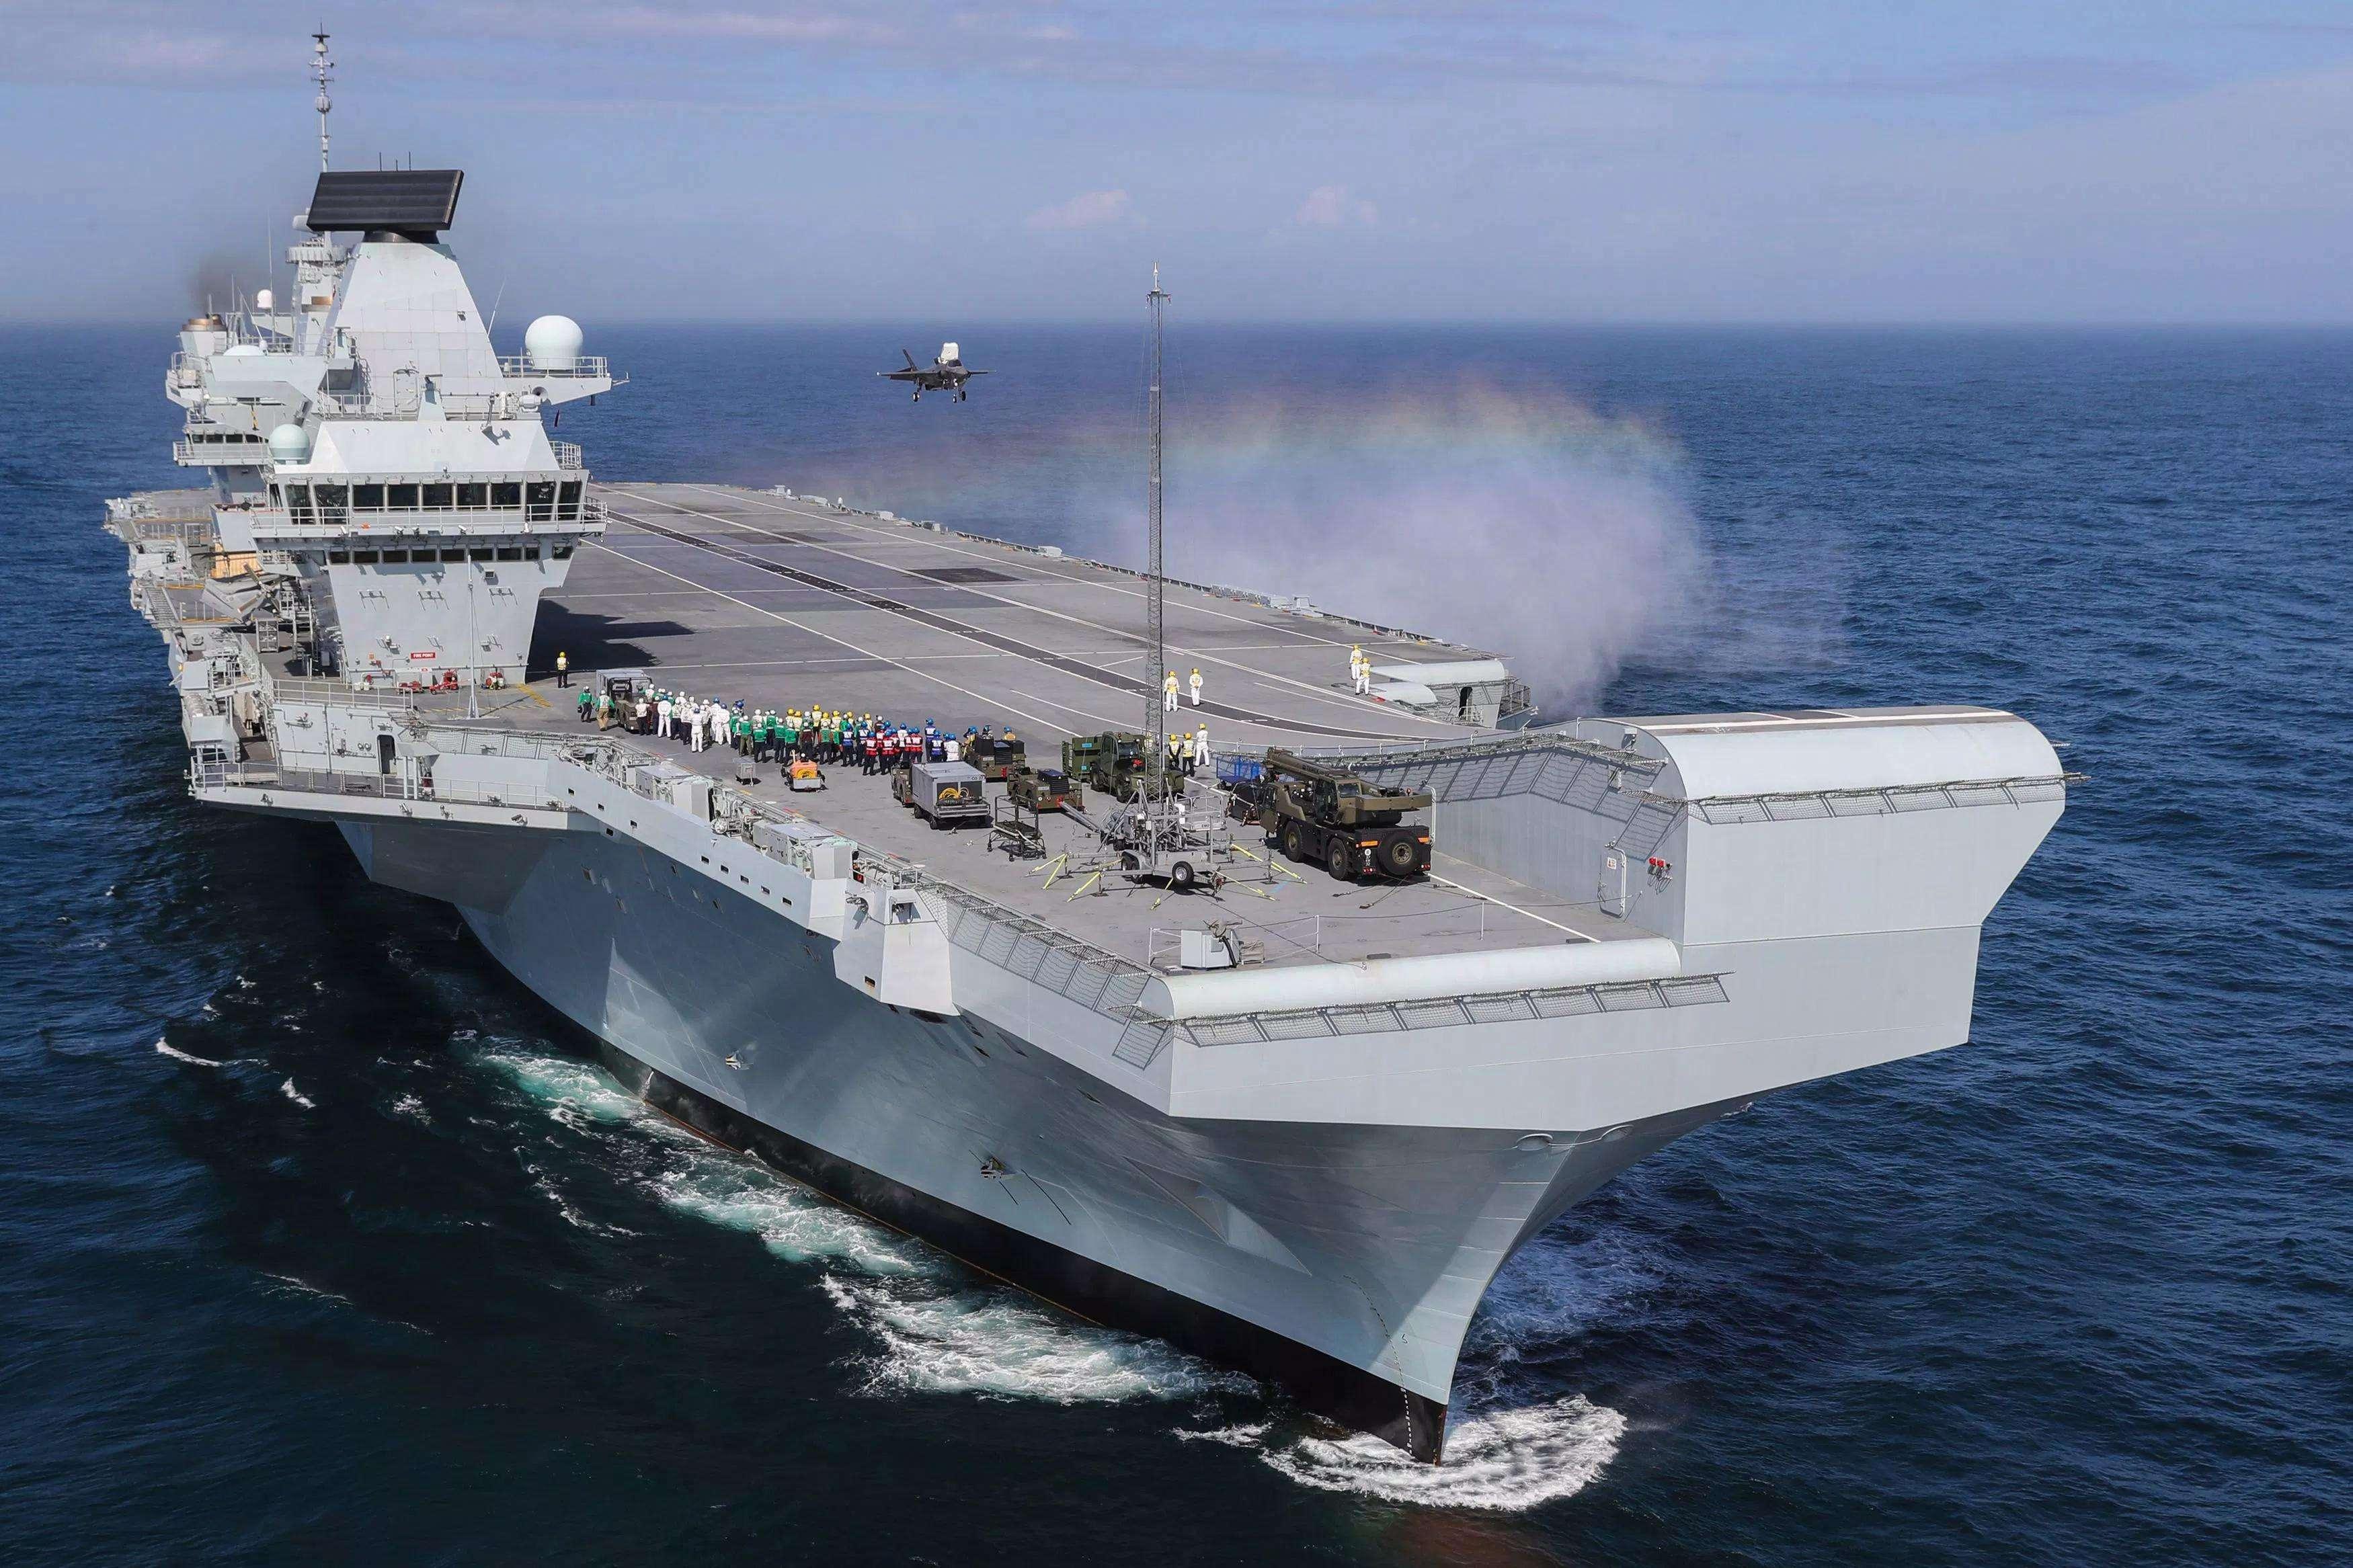 物极必反,英国女王级航母看似奇葩,却可能是设计最成功的航母